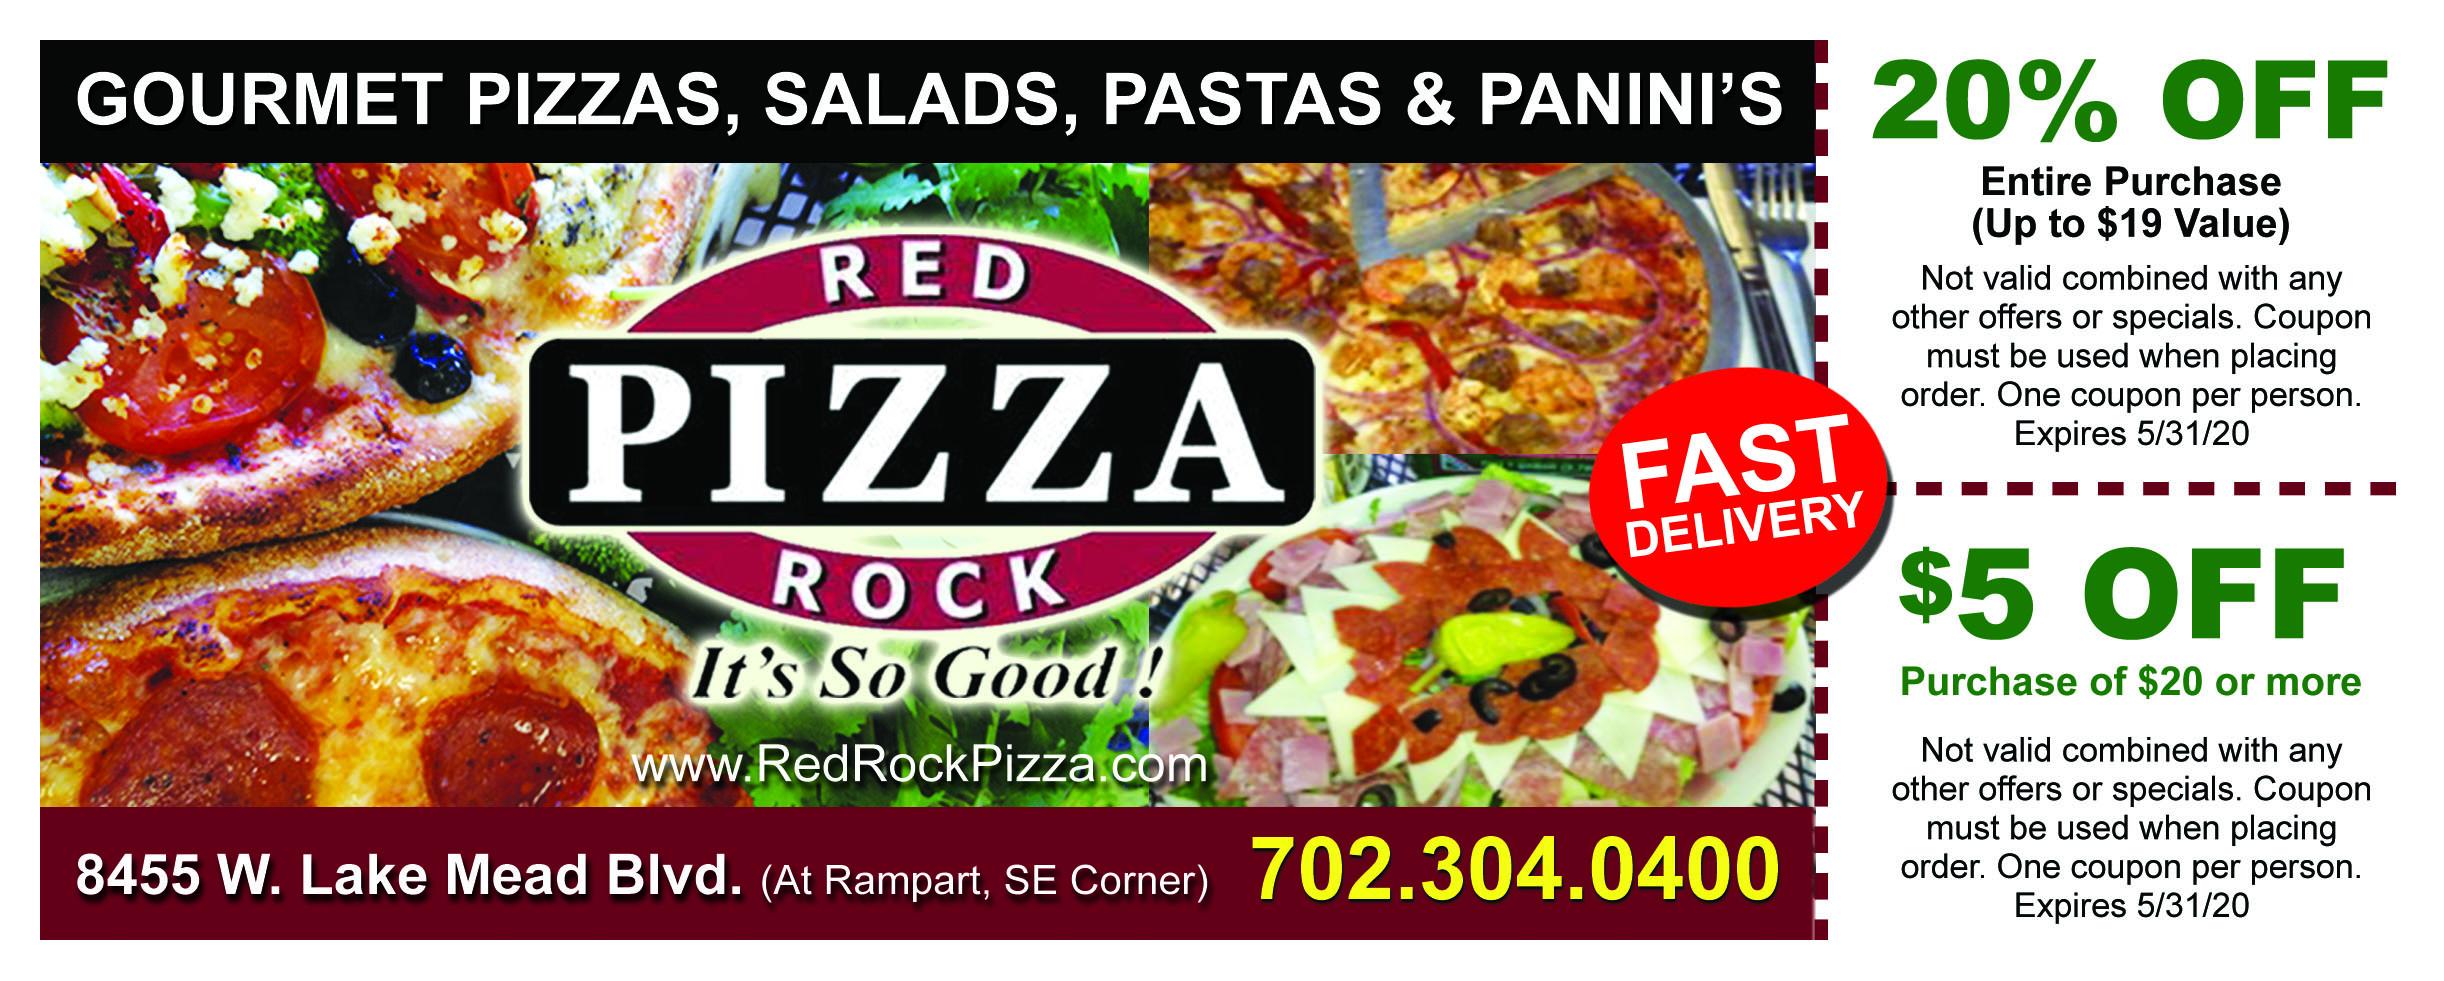 RedRockPizzaFeb20